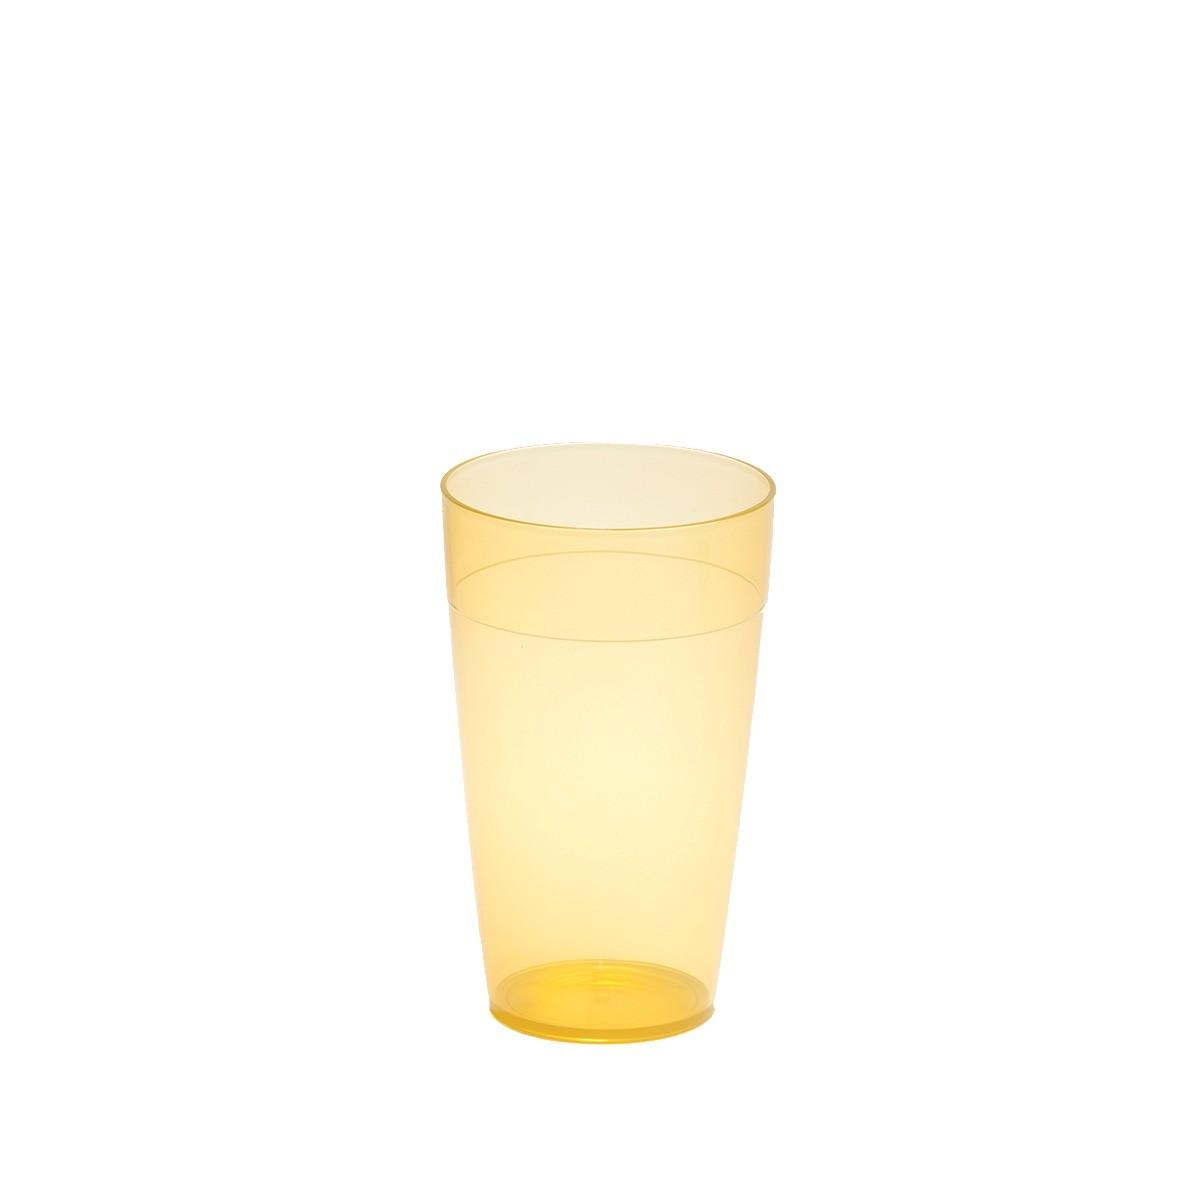 Grand gobelet jaune incassable et personnalisable.